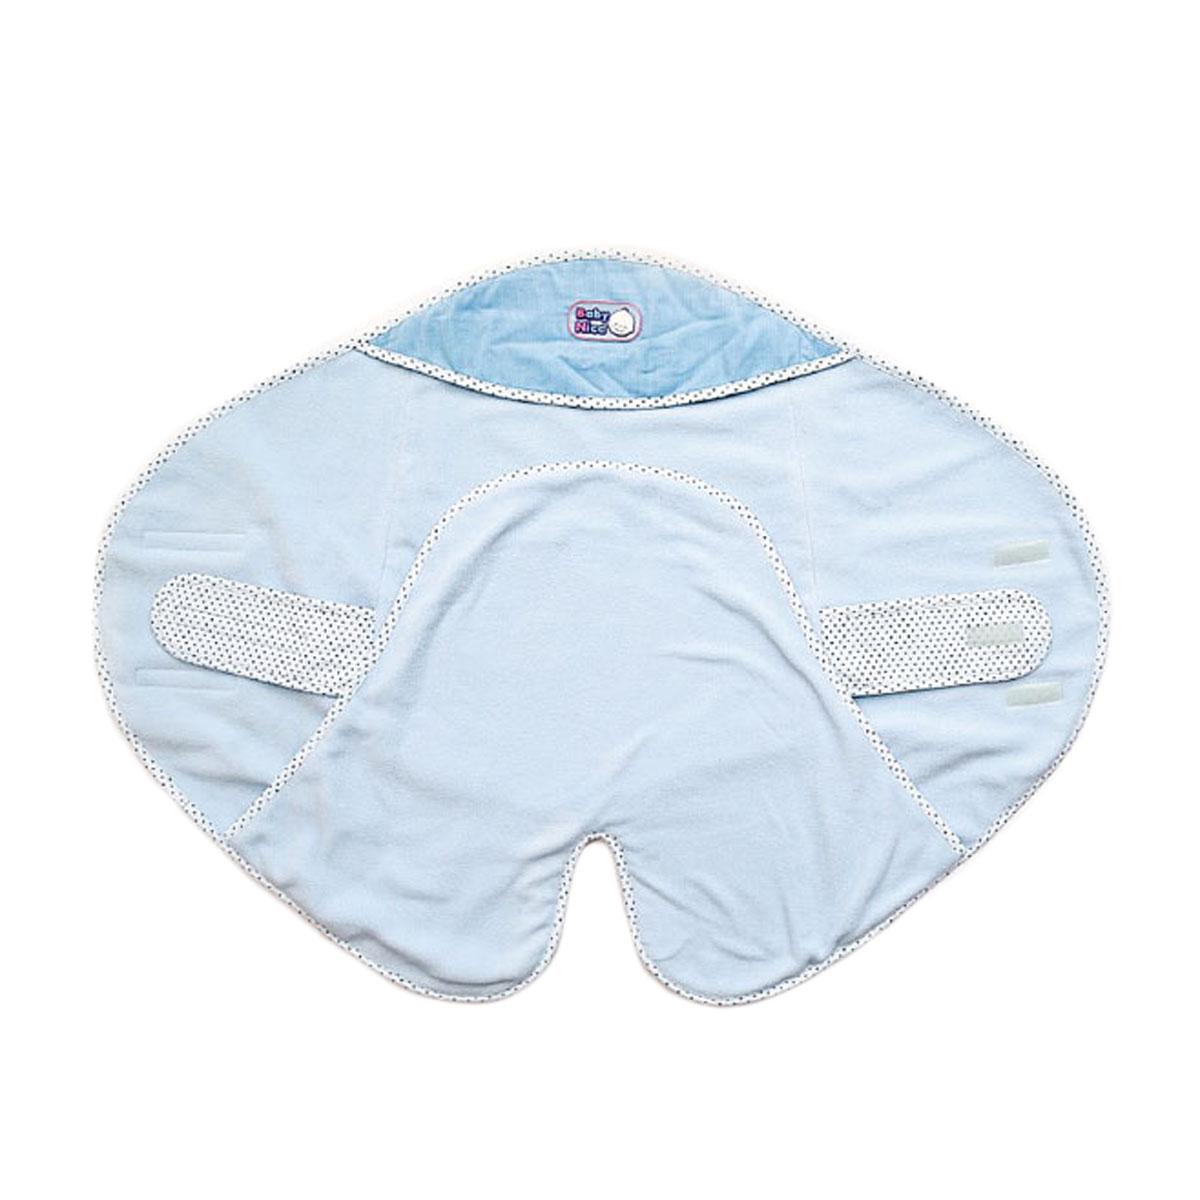 Конверт Baby Nice, цвет: голубой. Е115048. Возраст 0/4 месяца baby nice конверт